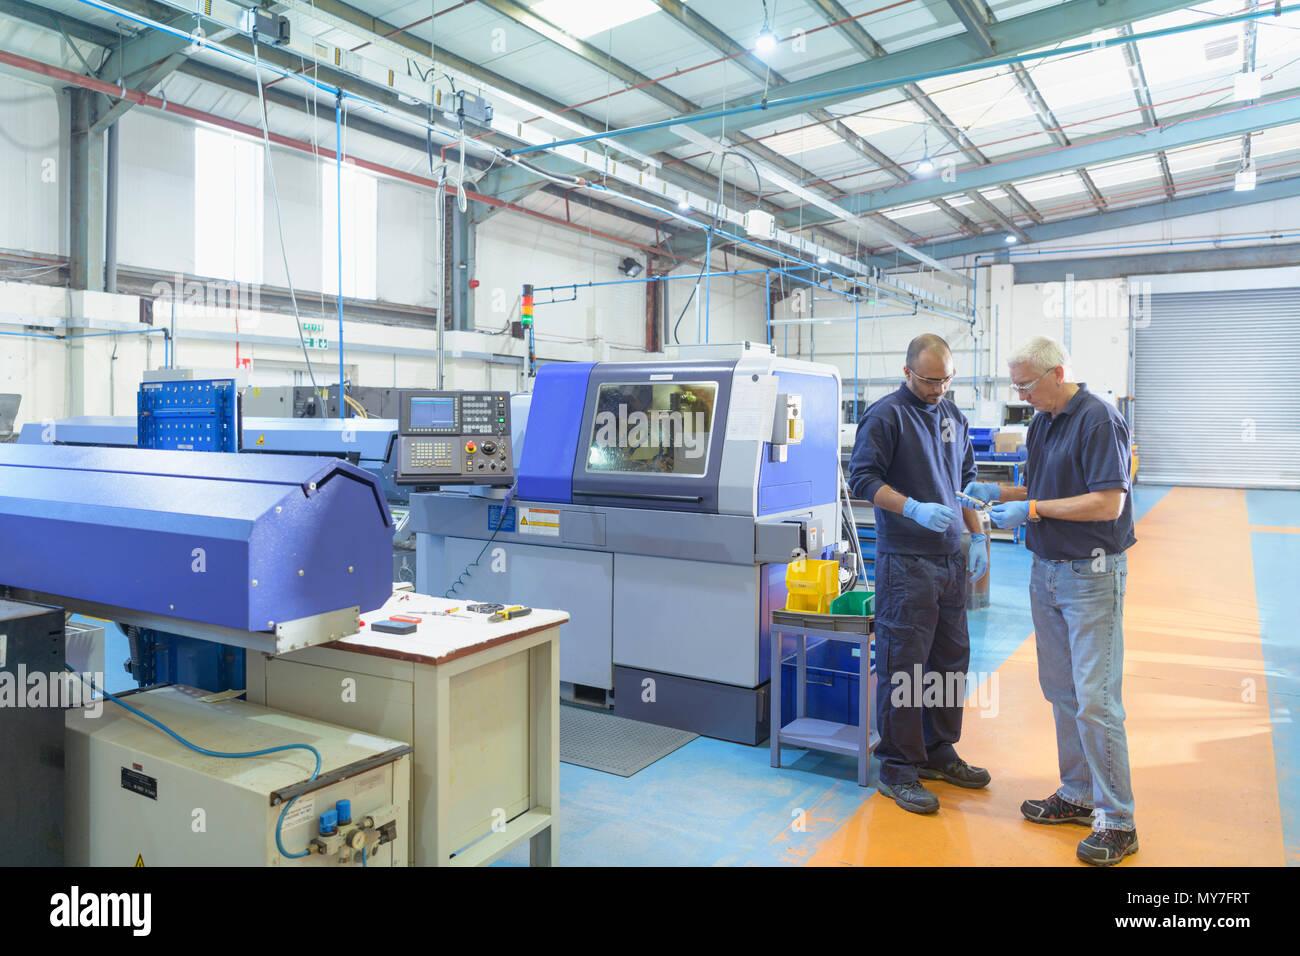 Ingenieure diskutieren Projektarbeit mit automatischen drehmaschine Maschine in Engineering Fabrik Stockbild